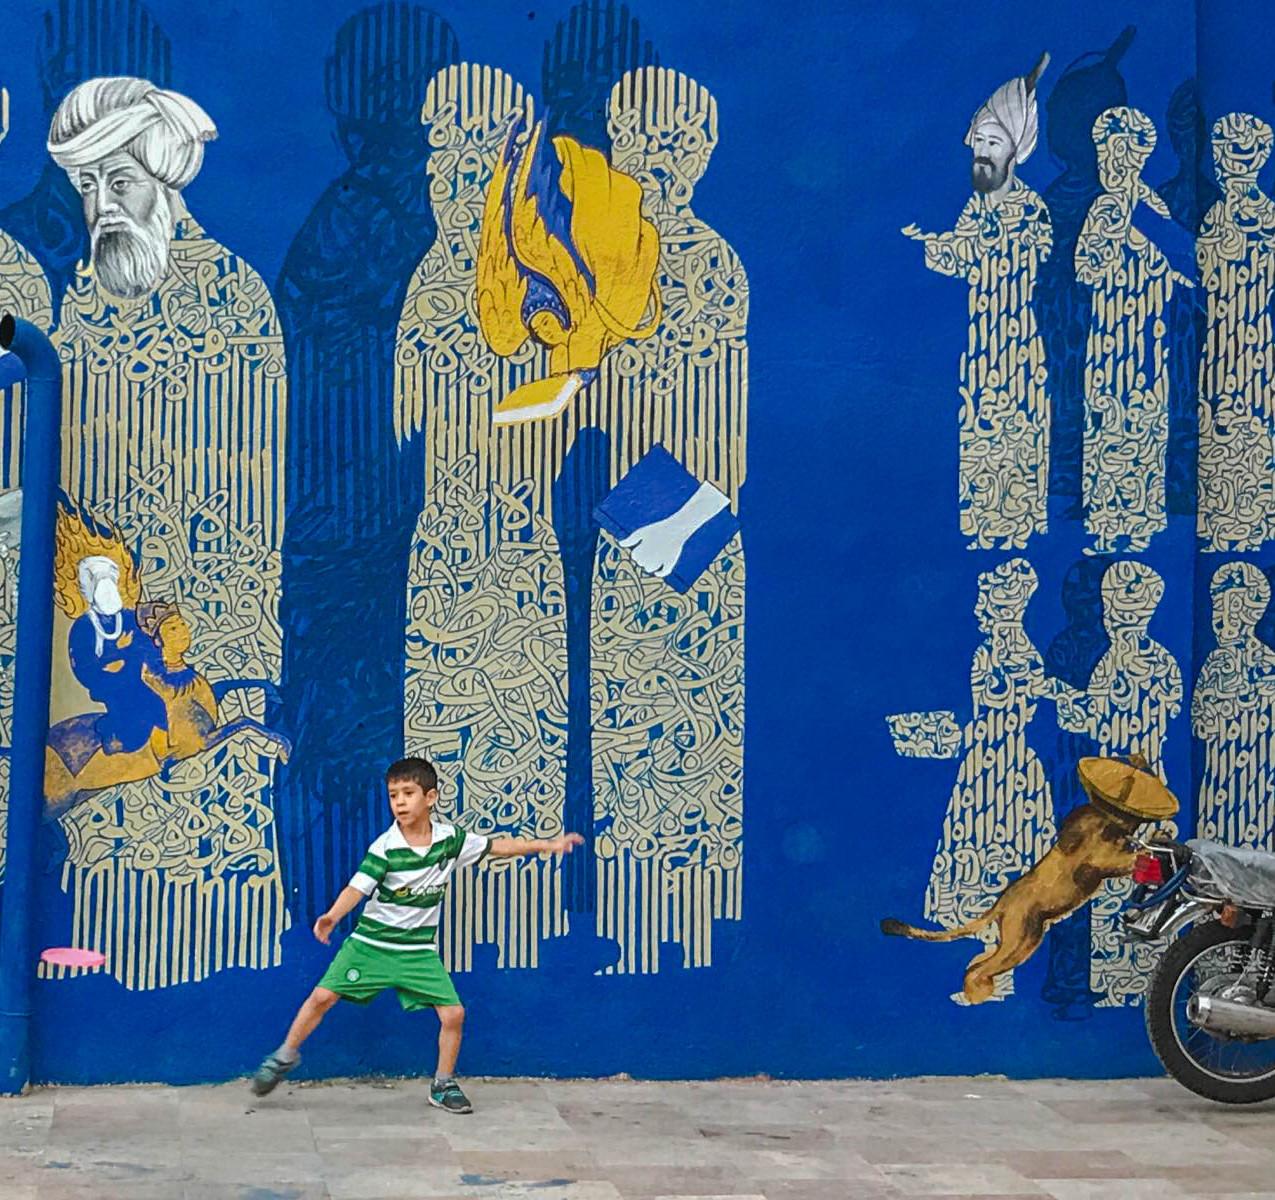 Murais de rua